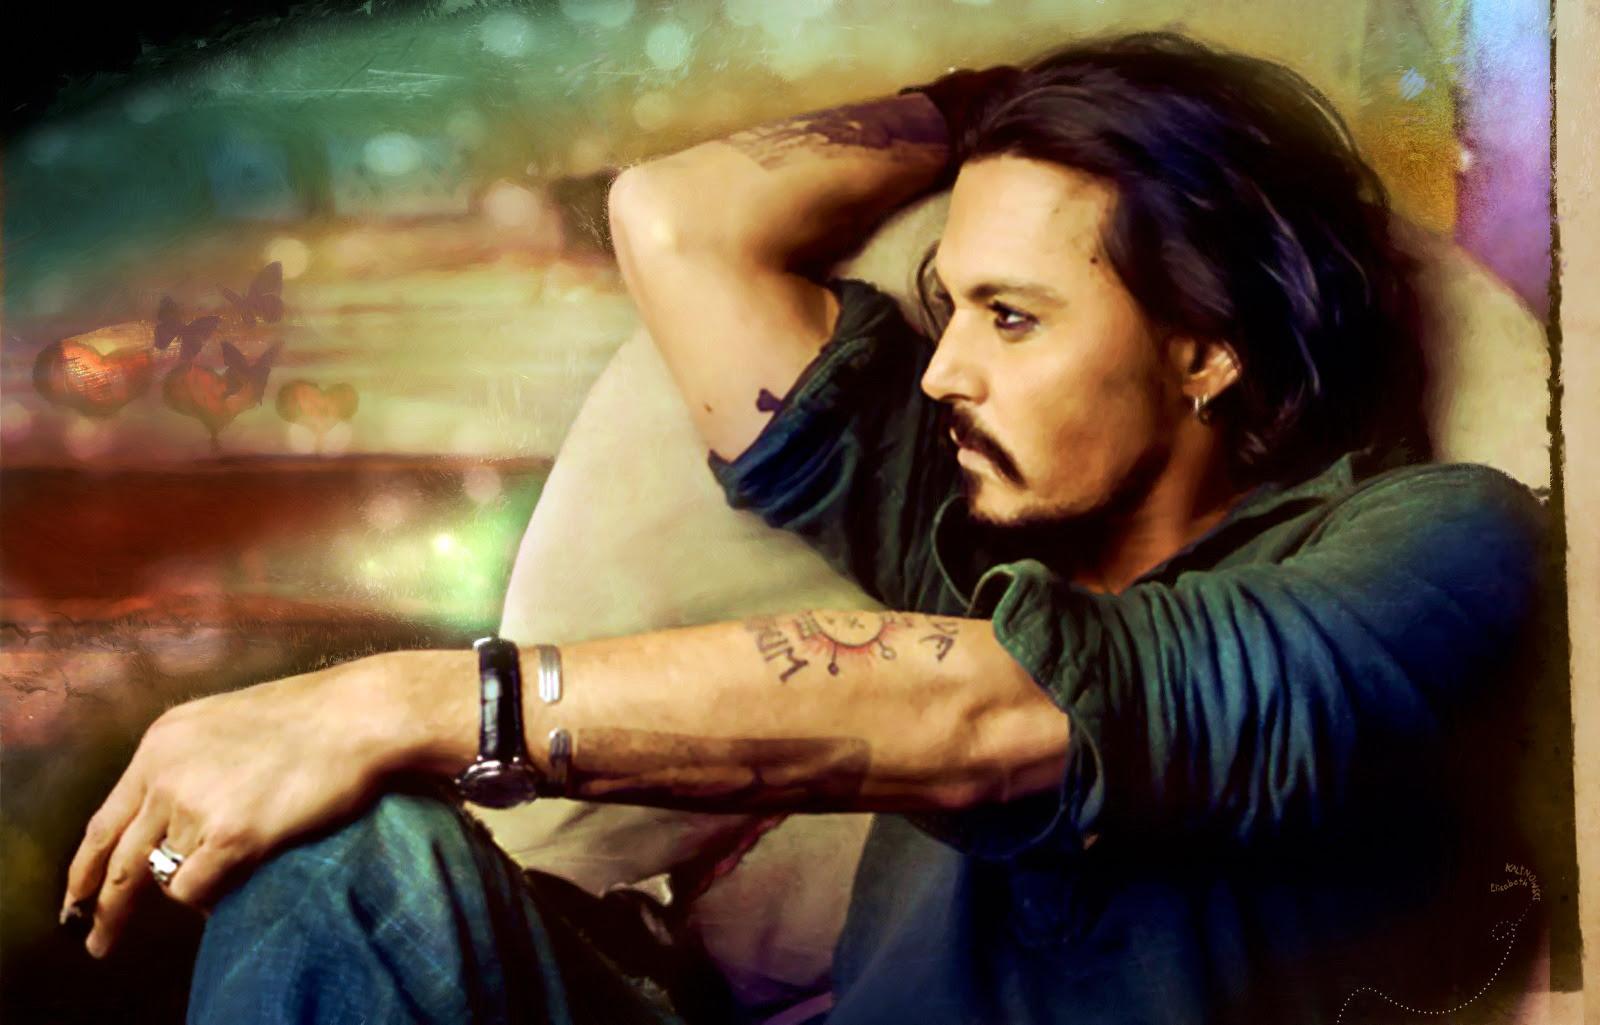 ジョニー デップ 画像 壁紙 世界のイケメン ジョニー デップ